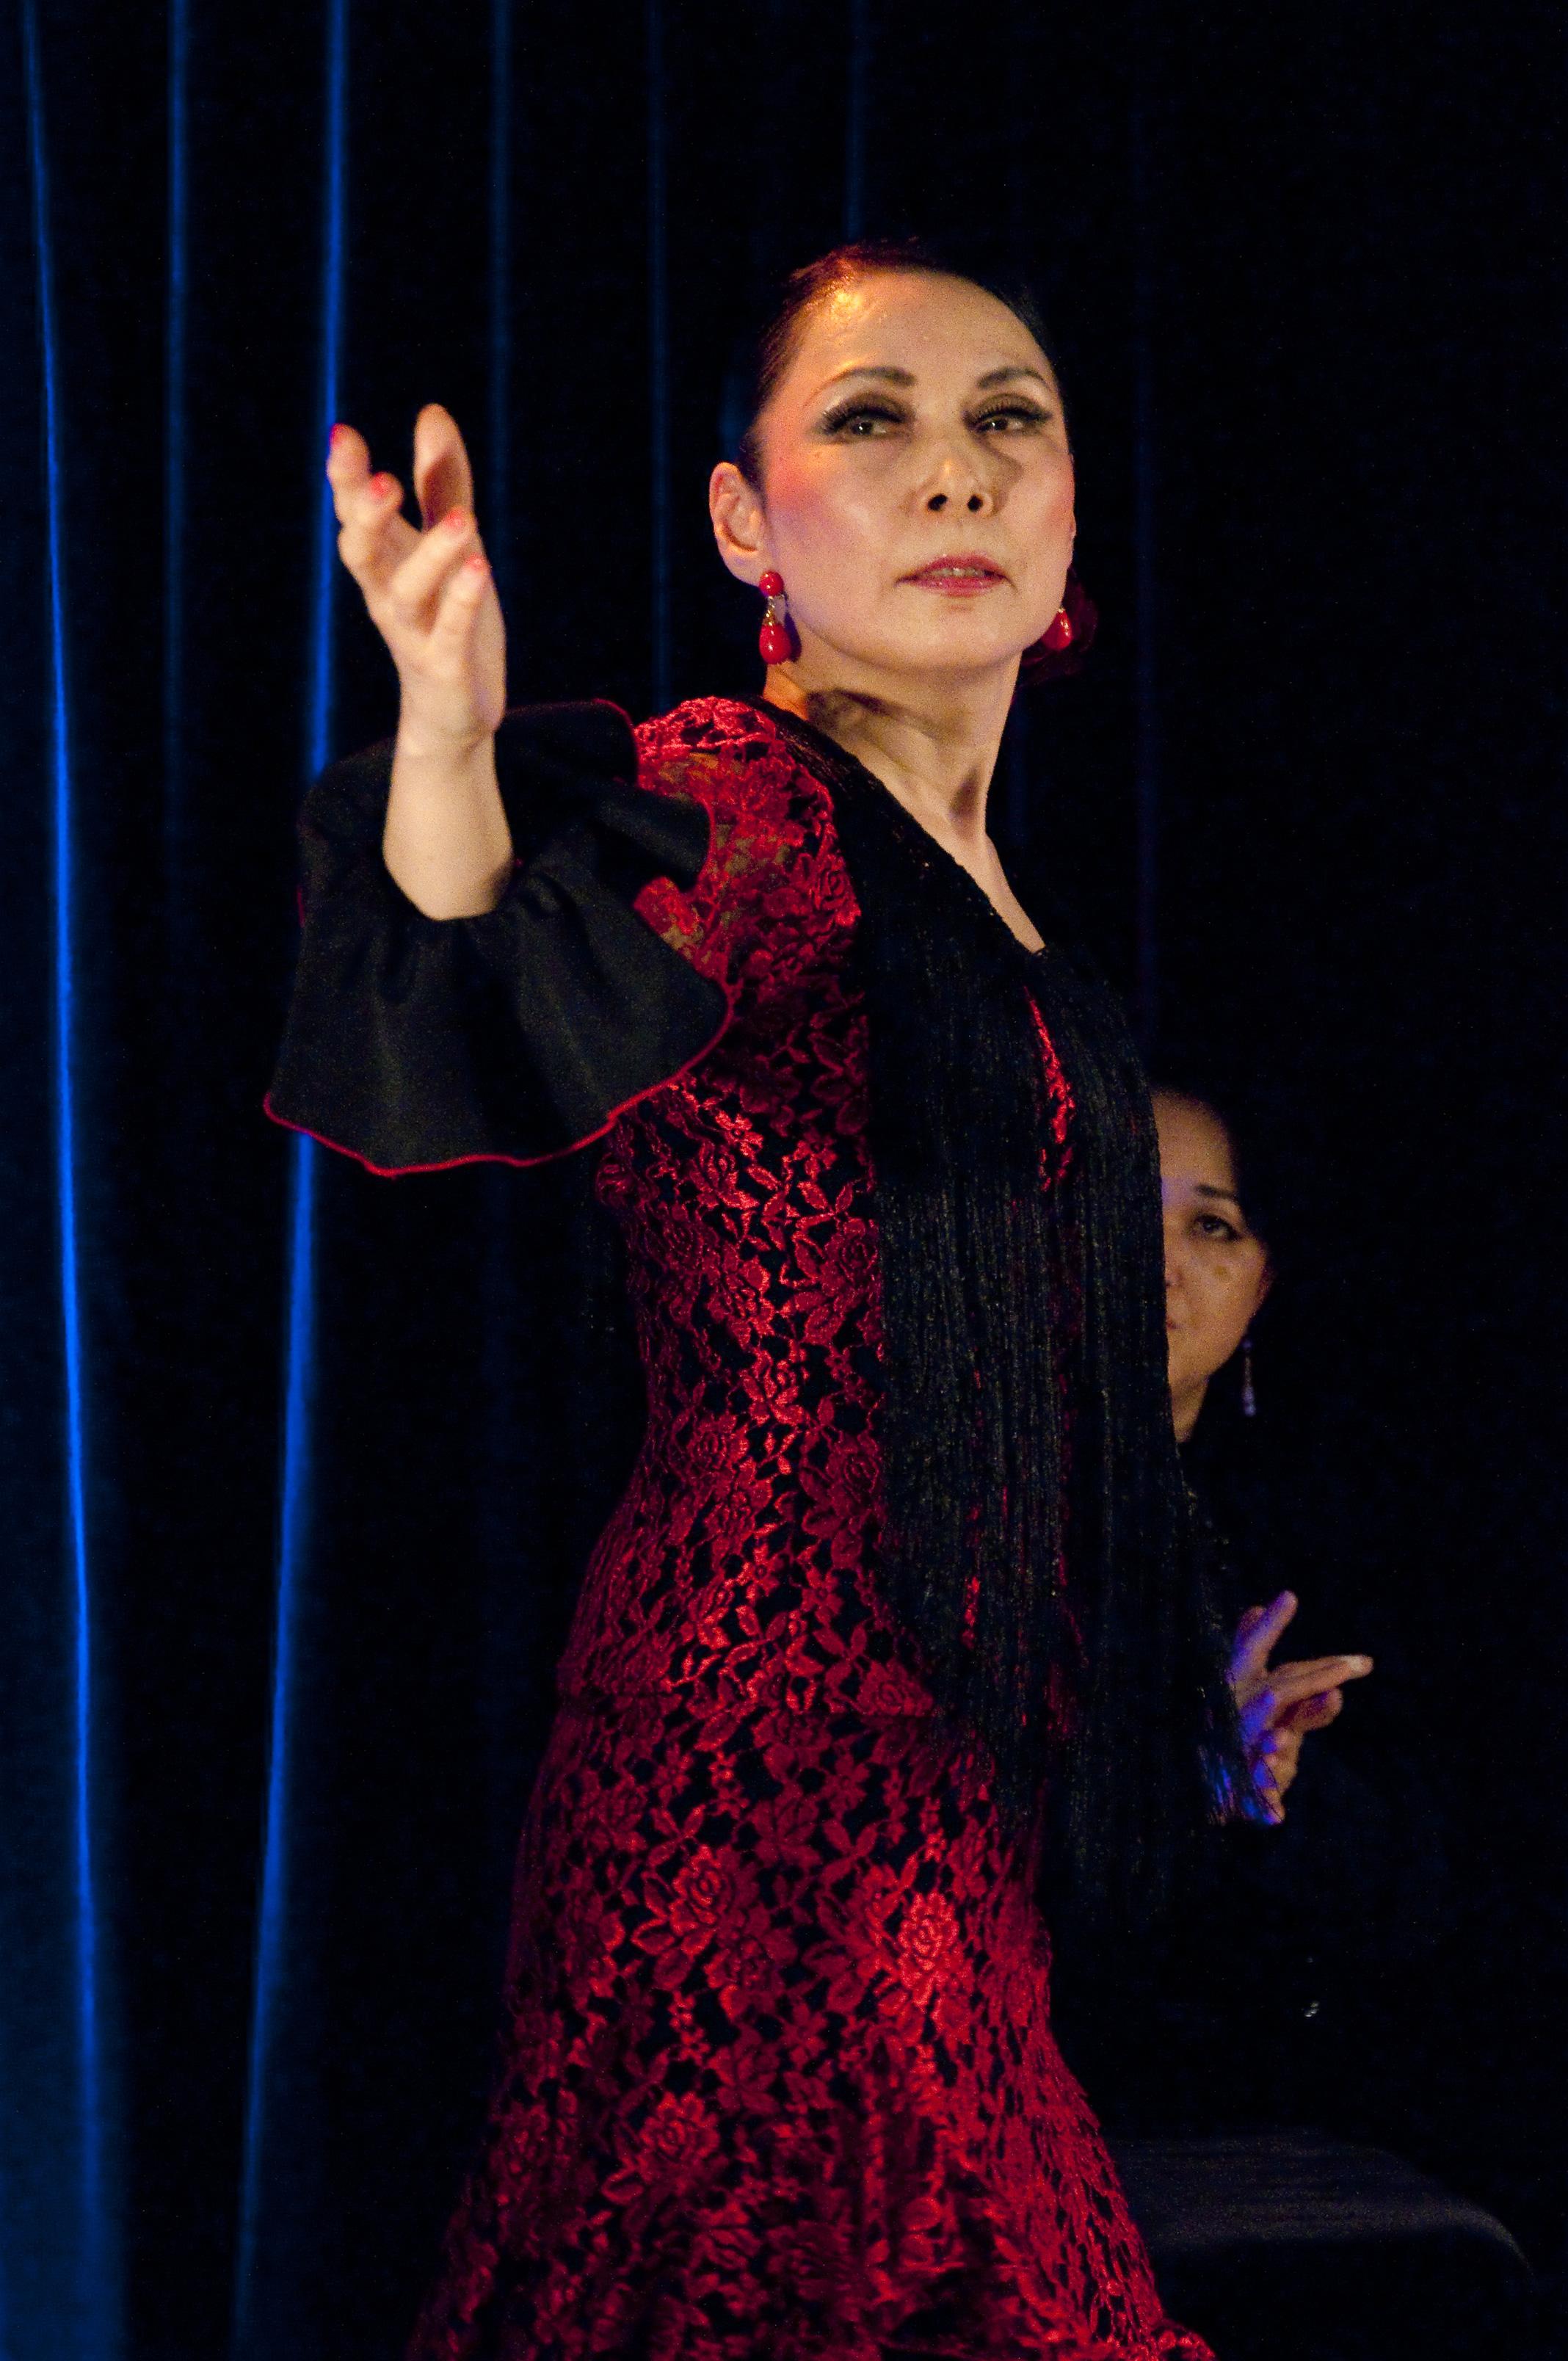 Luna flamenco教室